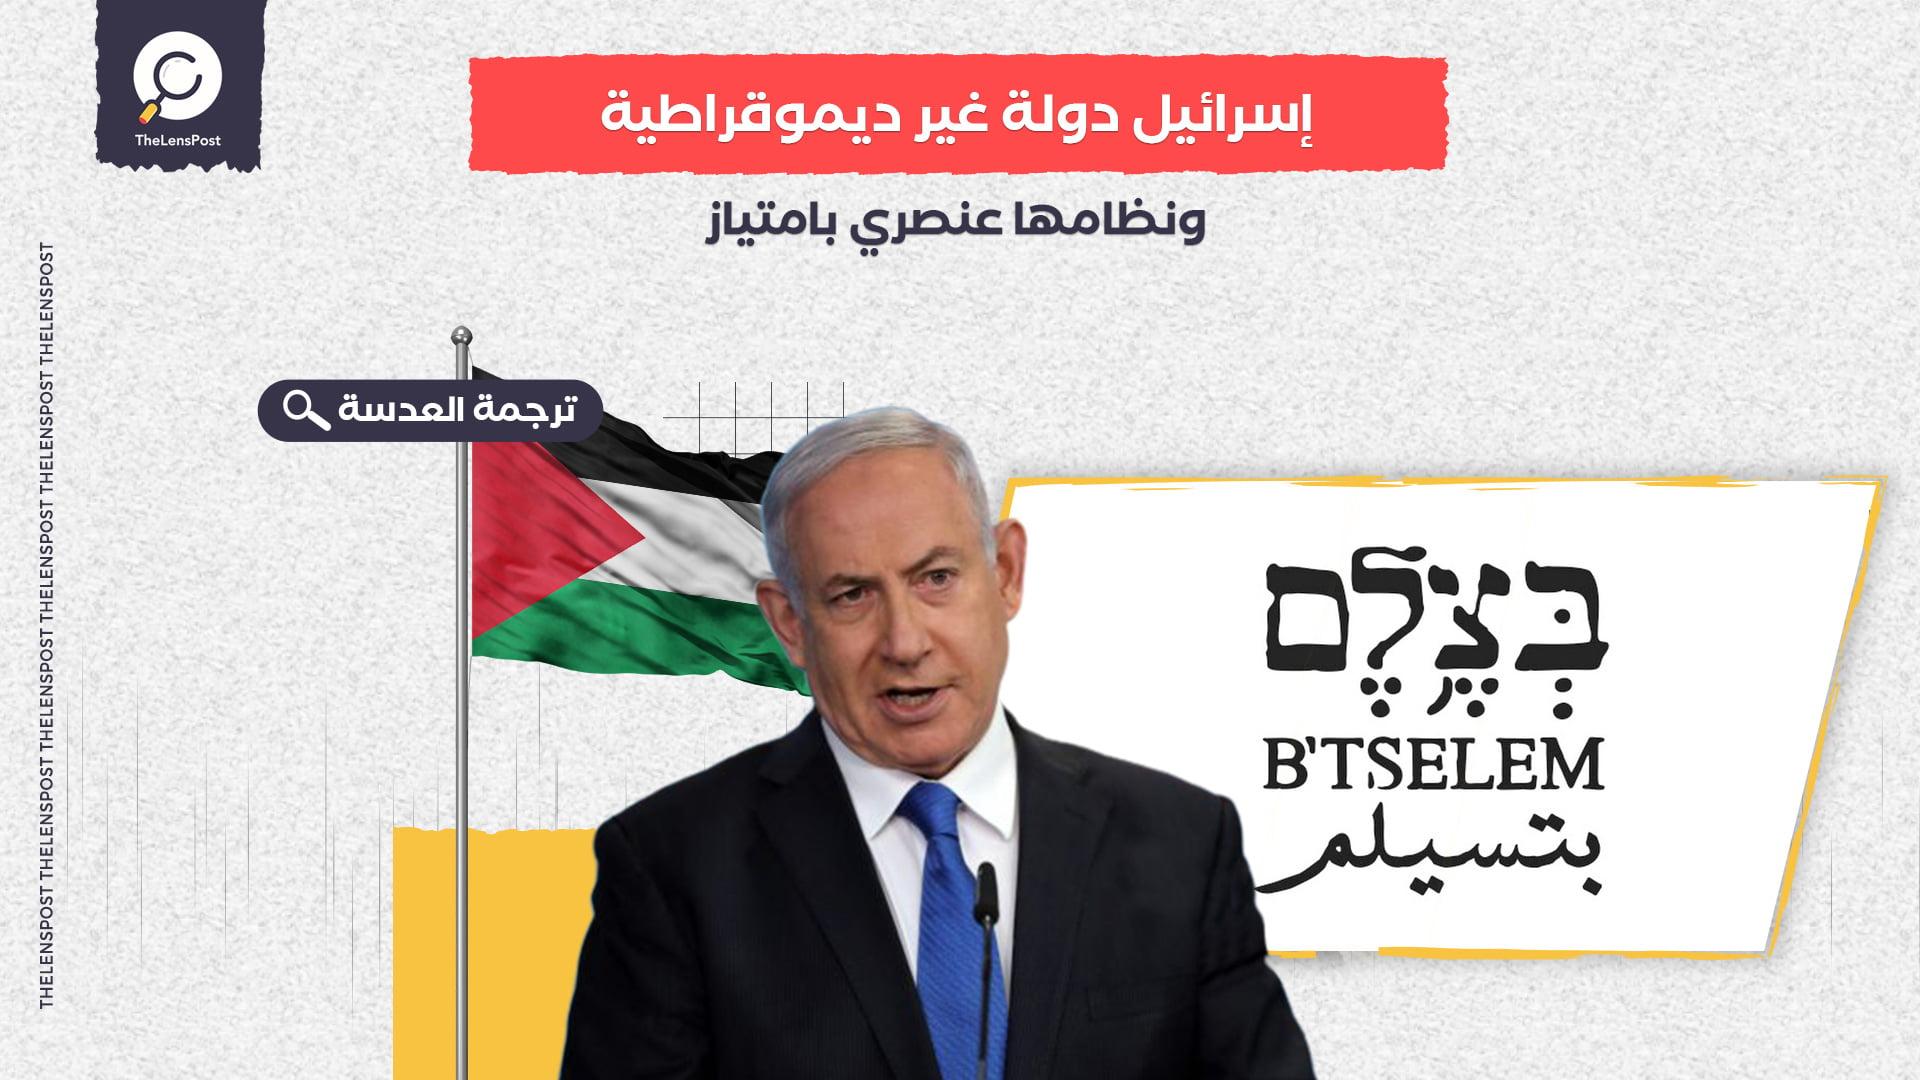 """بتسليم: """"إسرائيل"""" دولة غير ديموقراطية ونظامها عنصري بامتياز"""